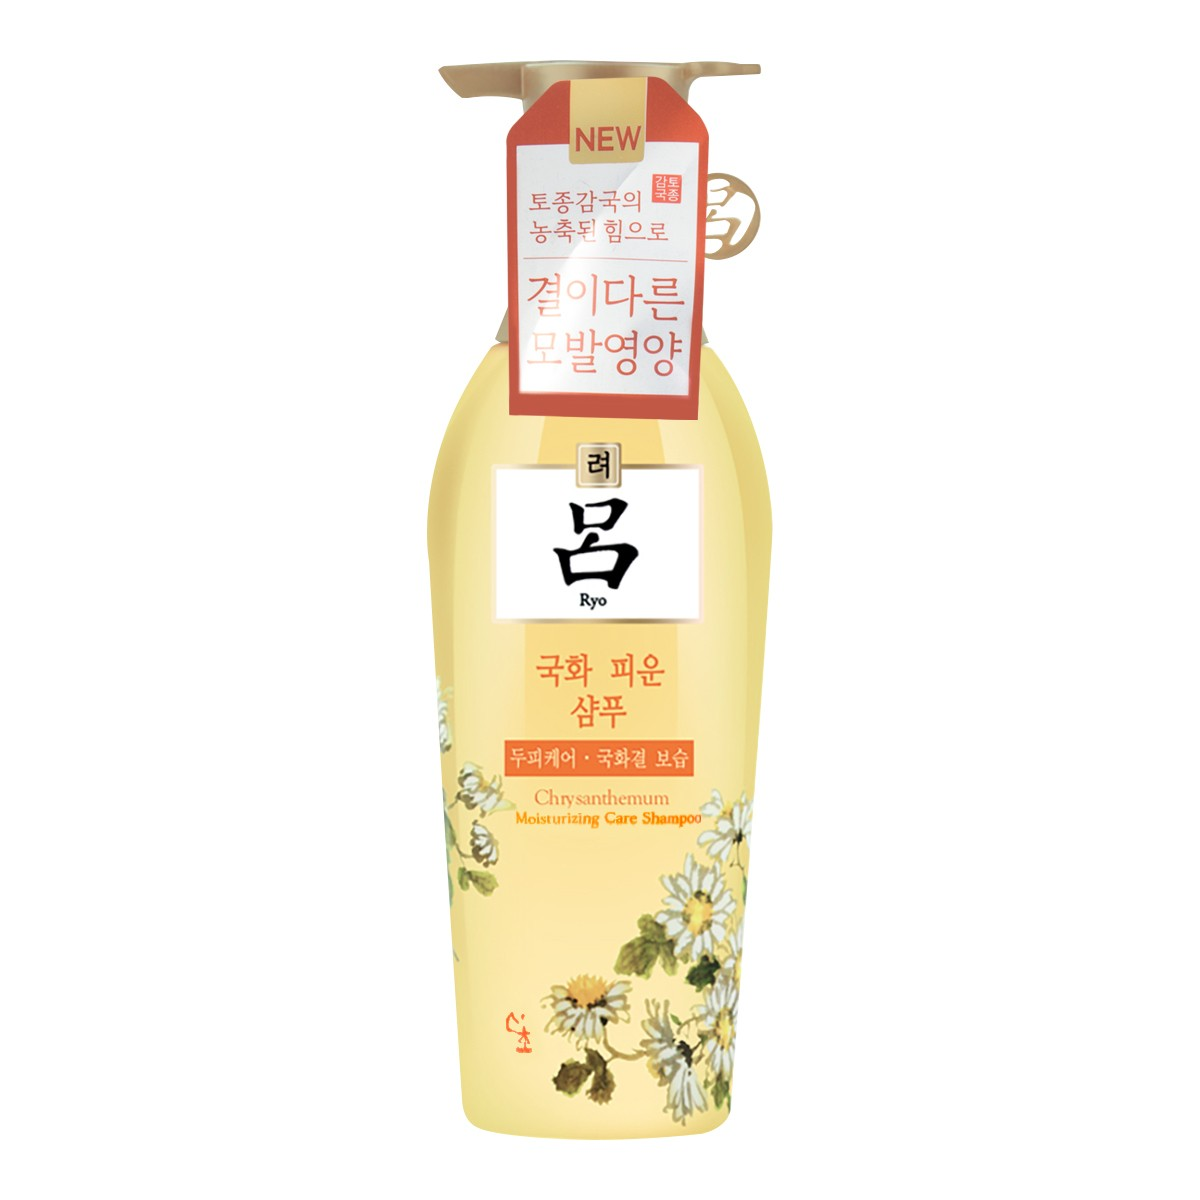 韩国RYO吕 咸草水系列 坚固发根洋甘菊花香洗发水 500ml